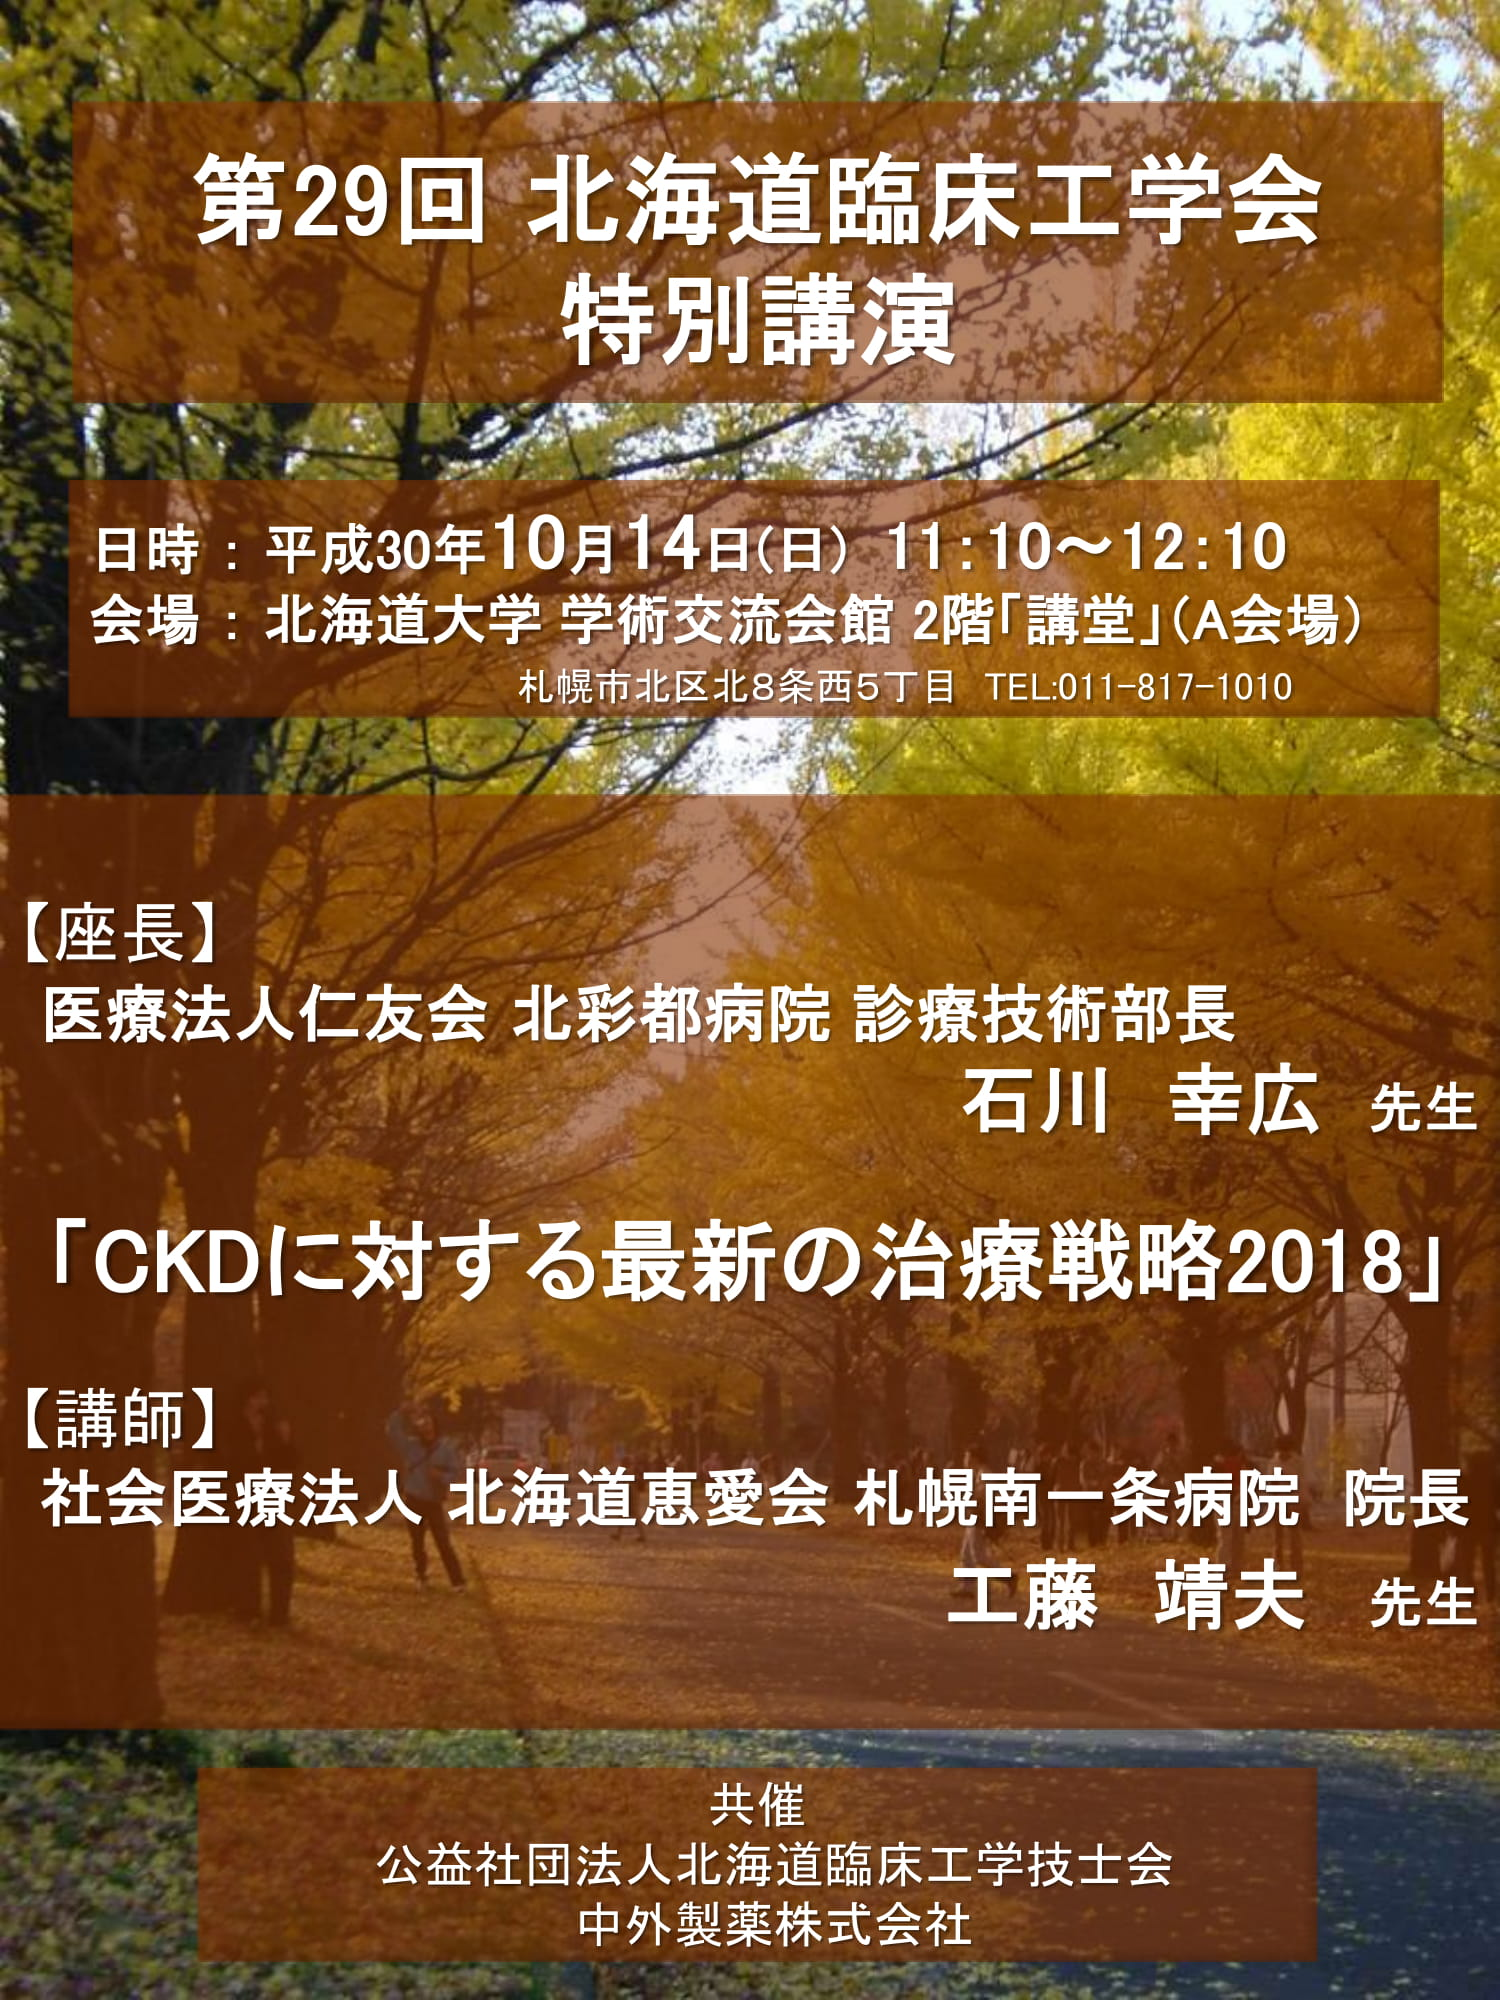 29回北海道臨床工学会 特別講演 (1)-1.jpg